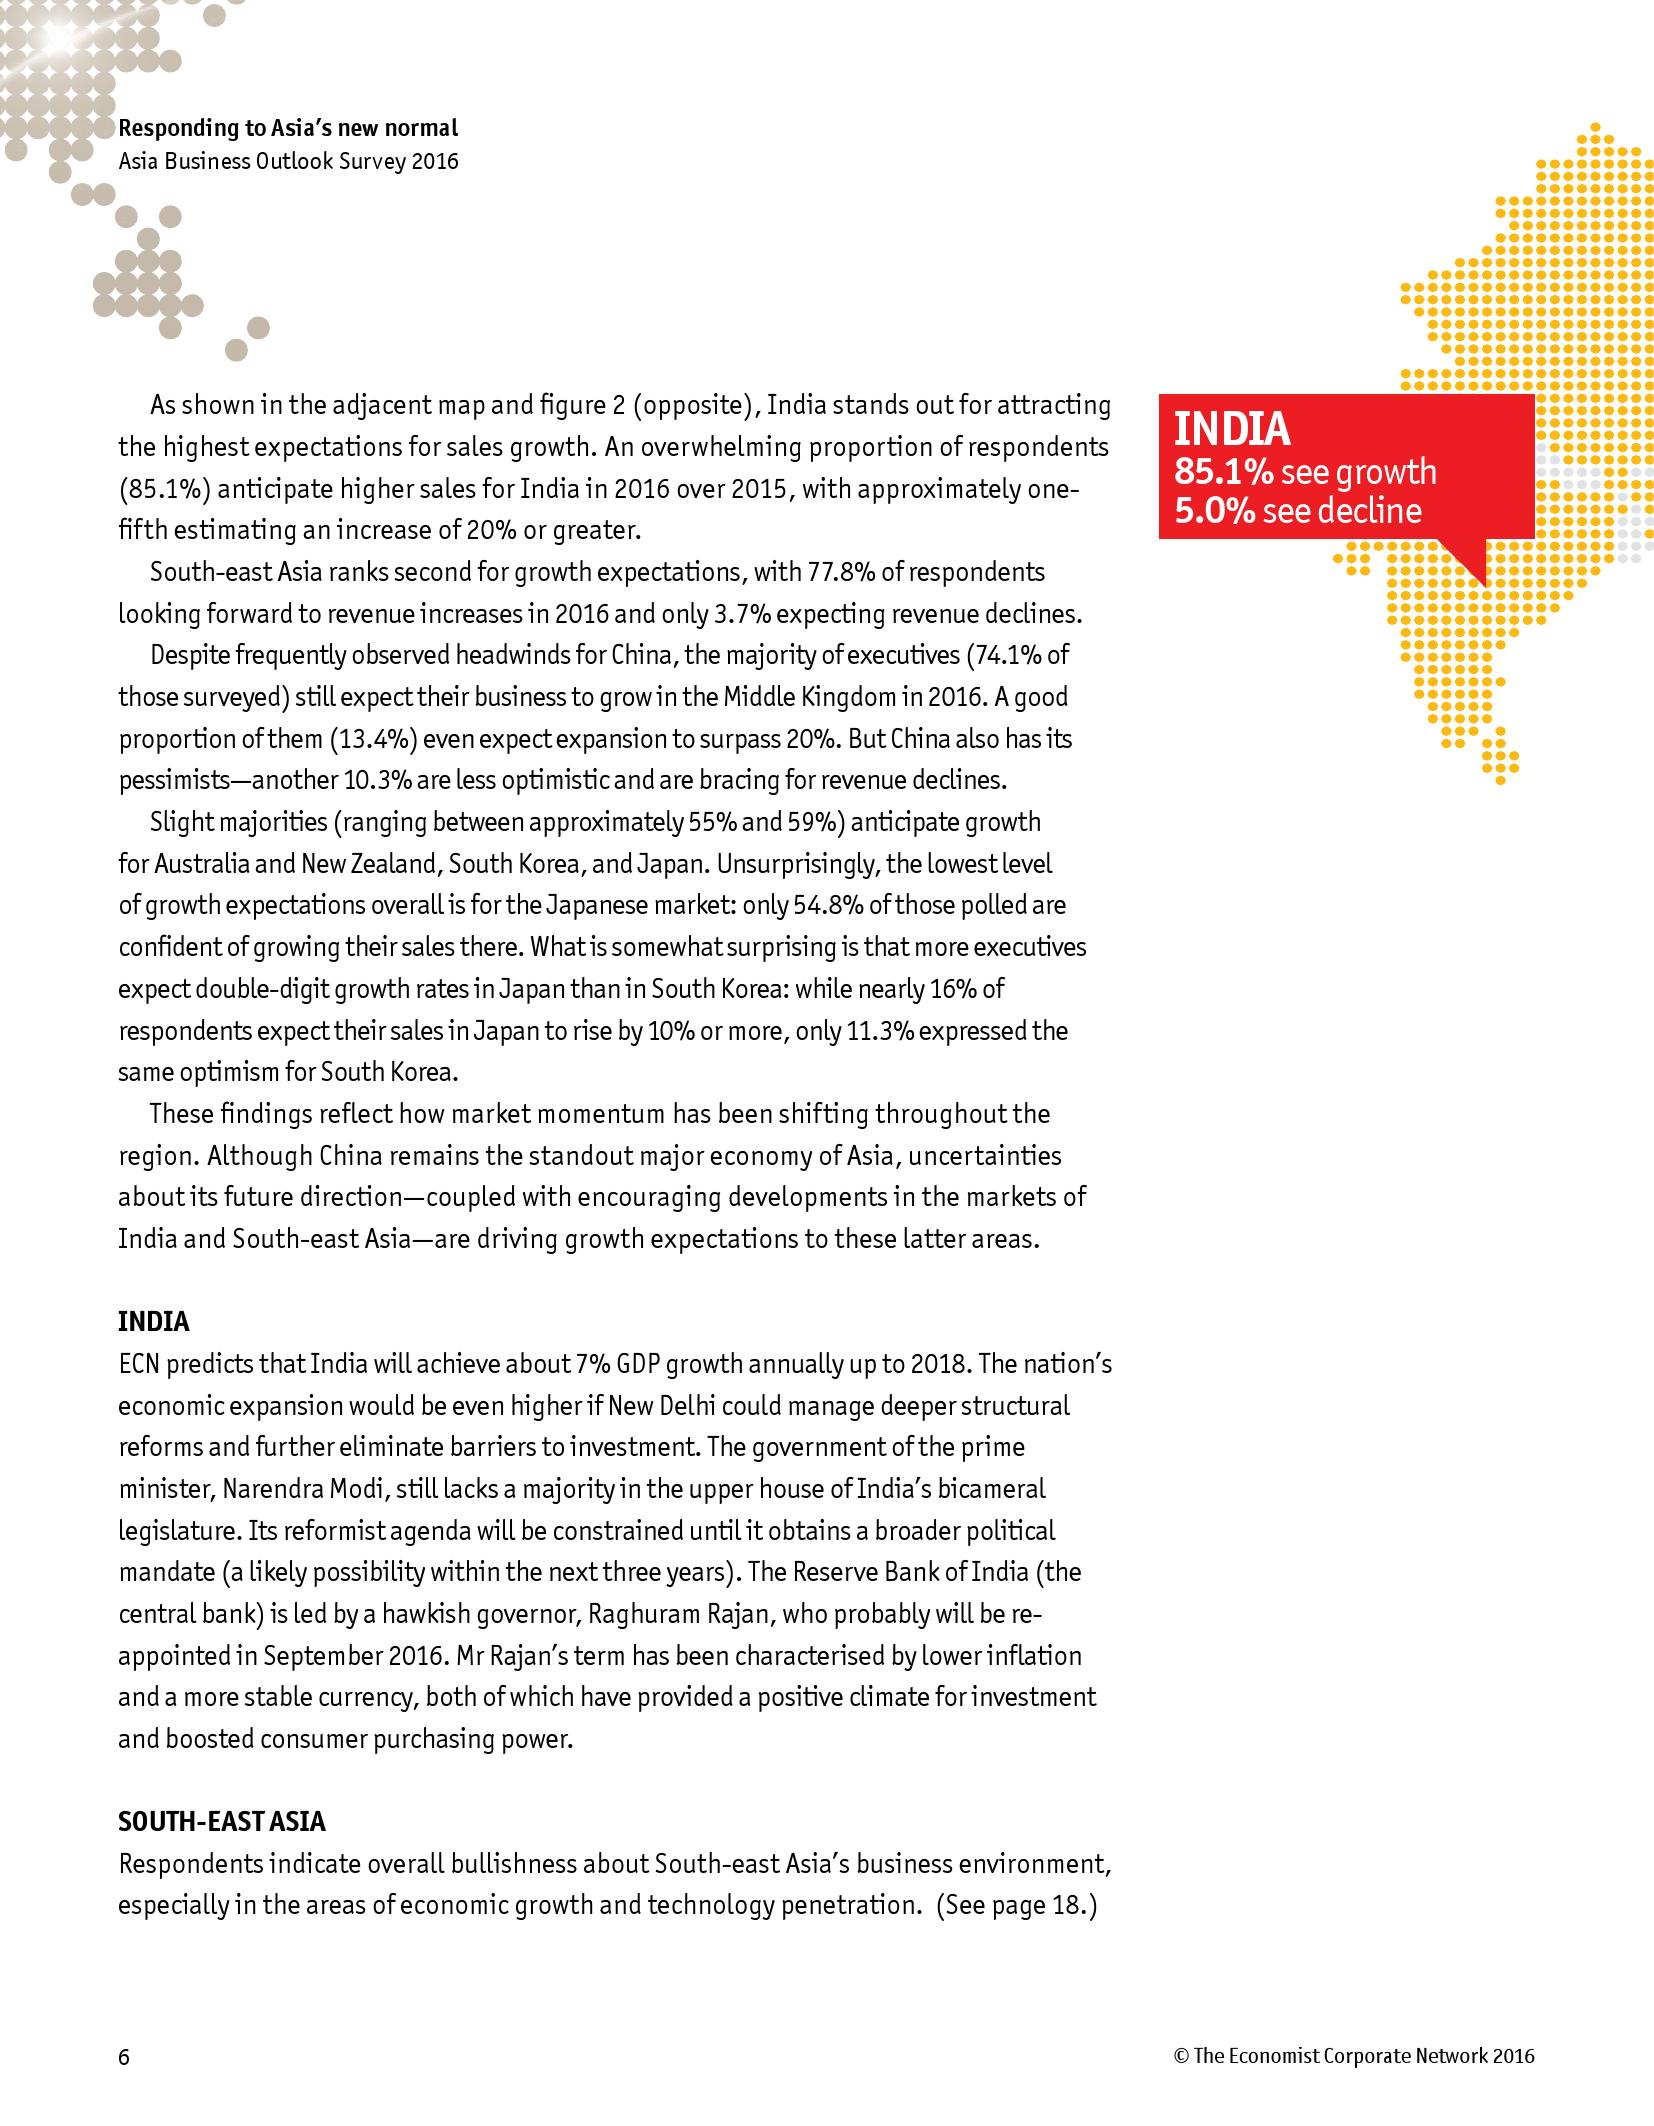 2016年亚洲商业展望调查报告_000008